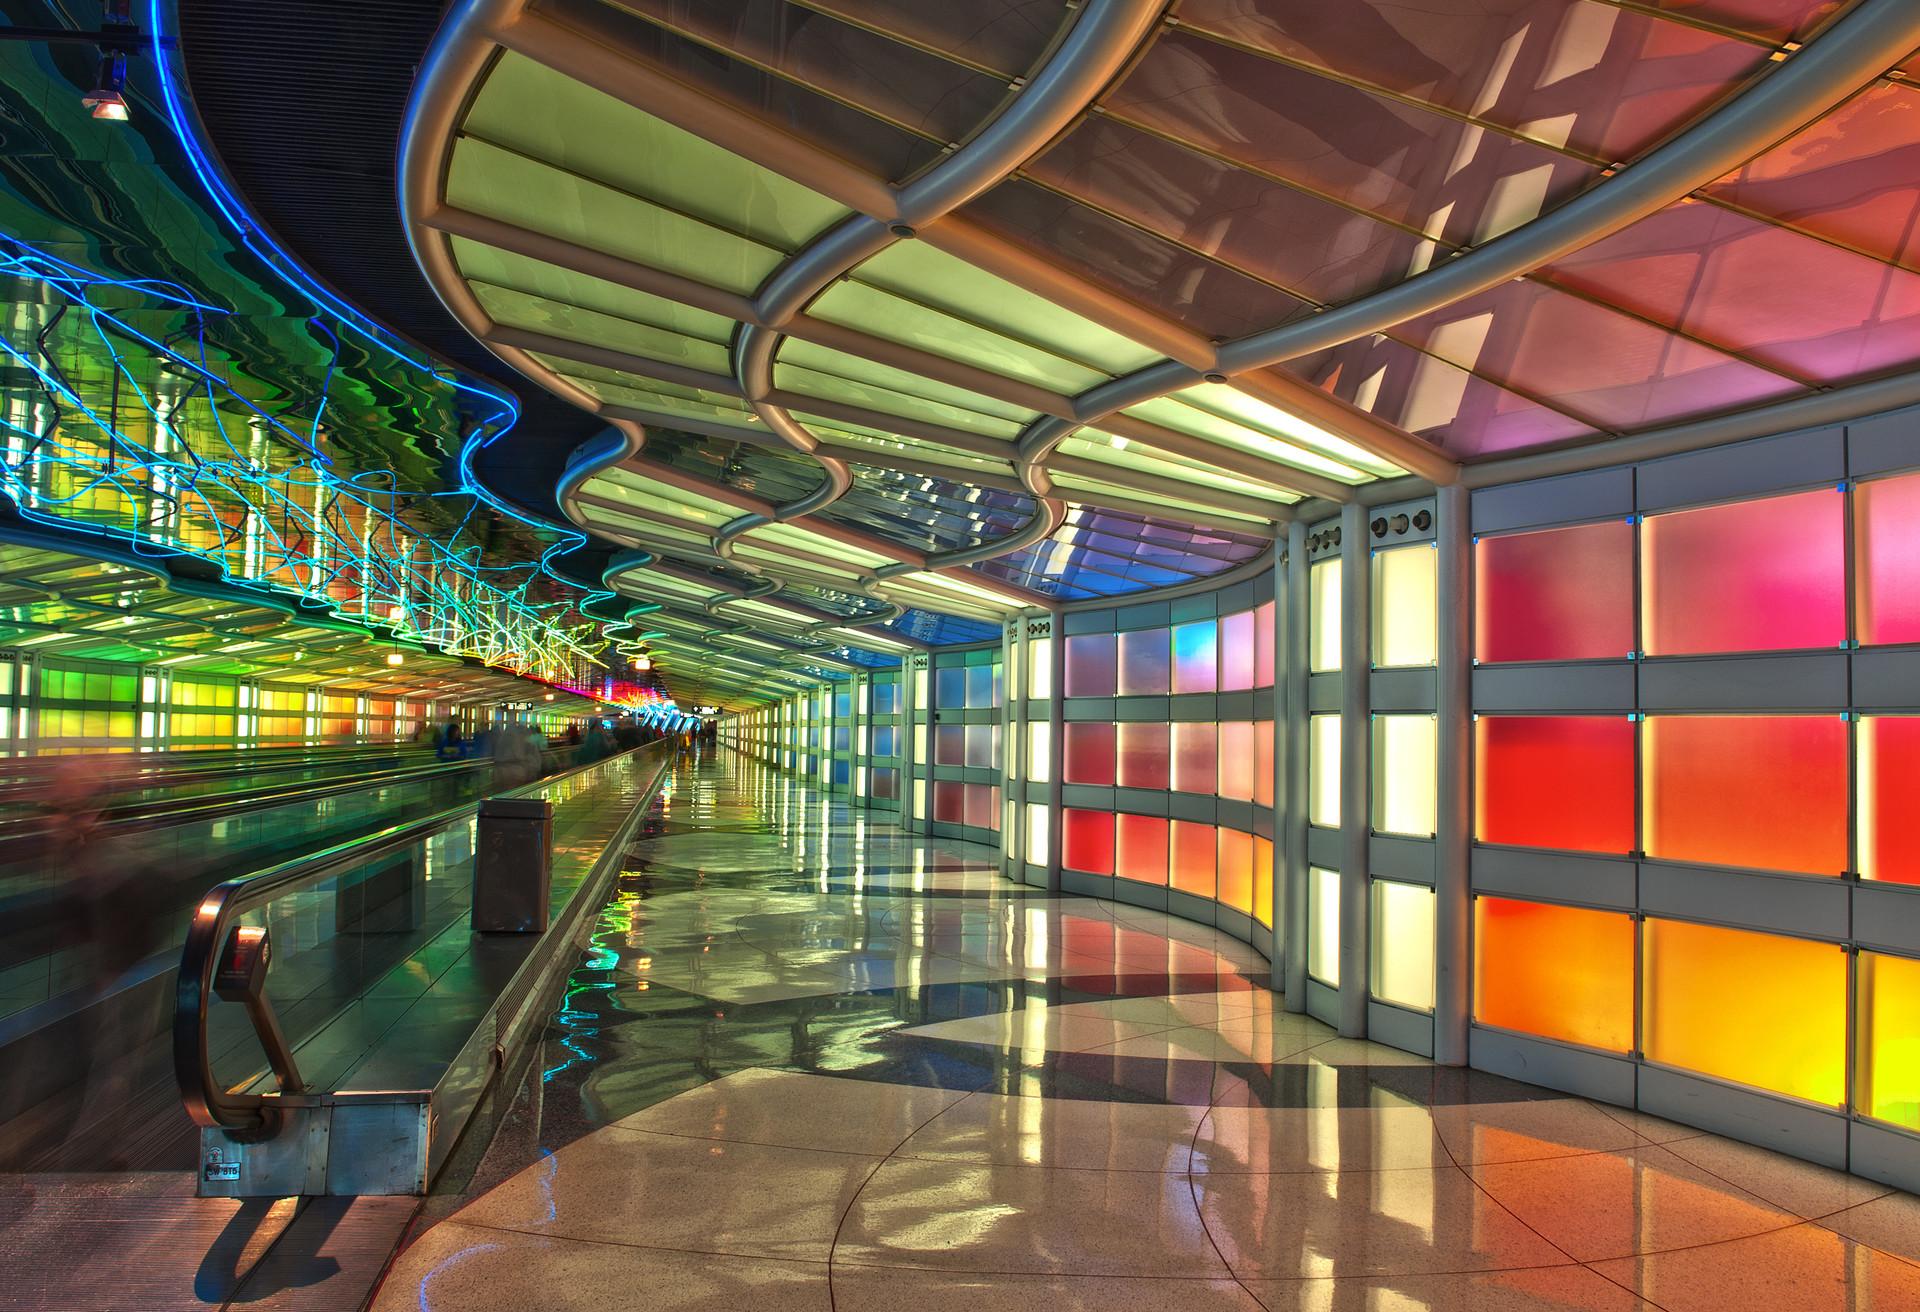 La exposición de arte «Sky's the Limit» conecta el vestíbulo B y C en el aeropuerto O'Hare de Chicago